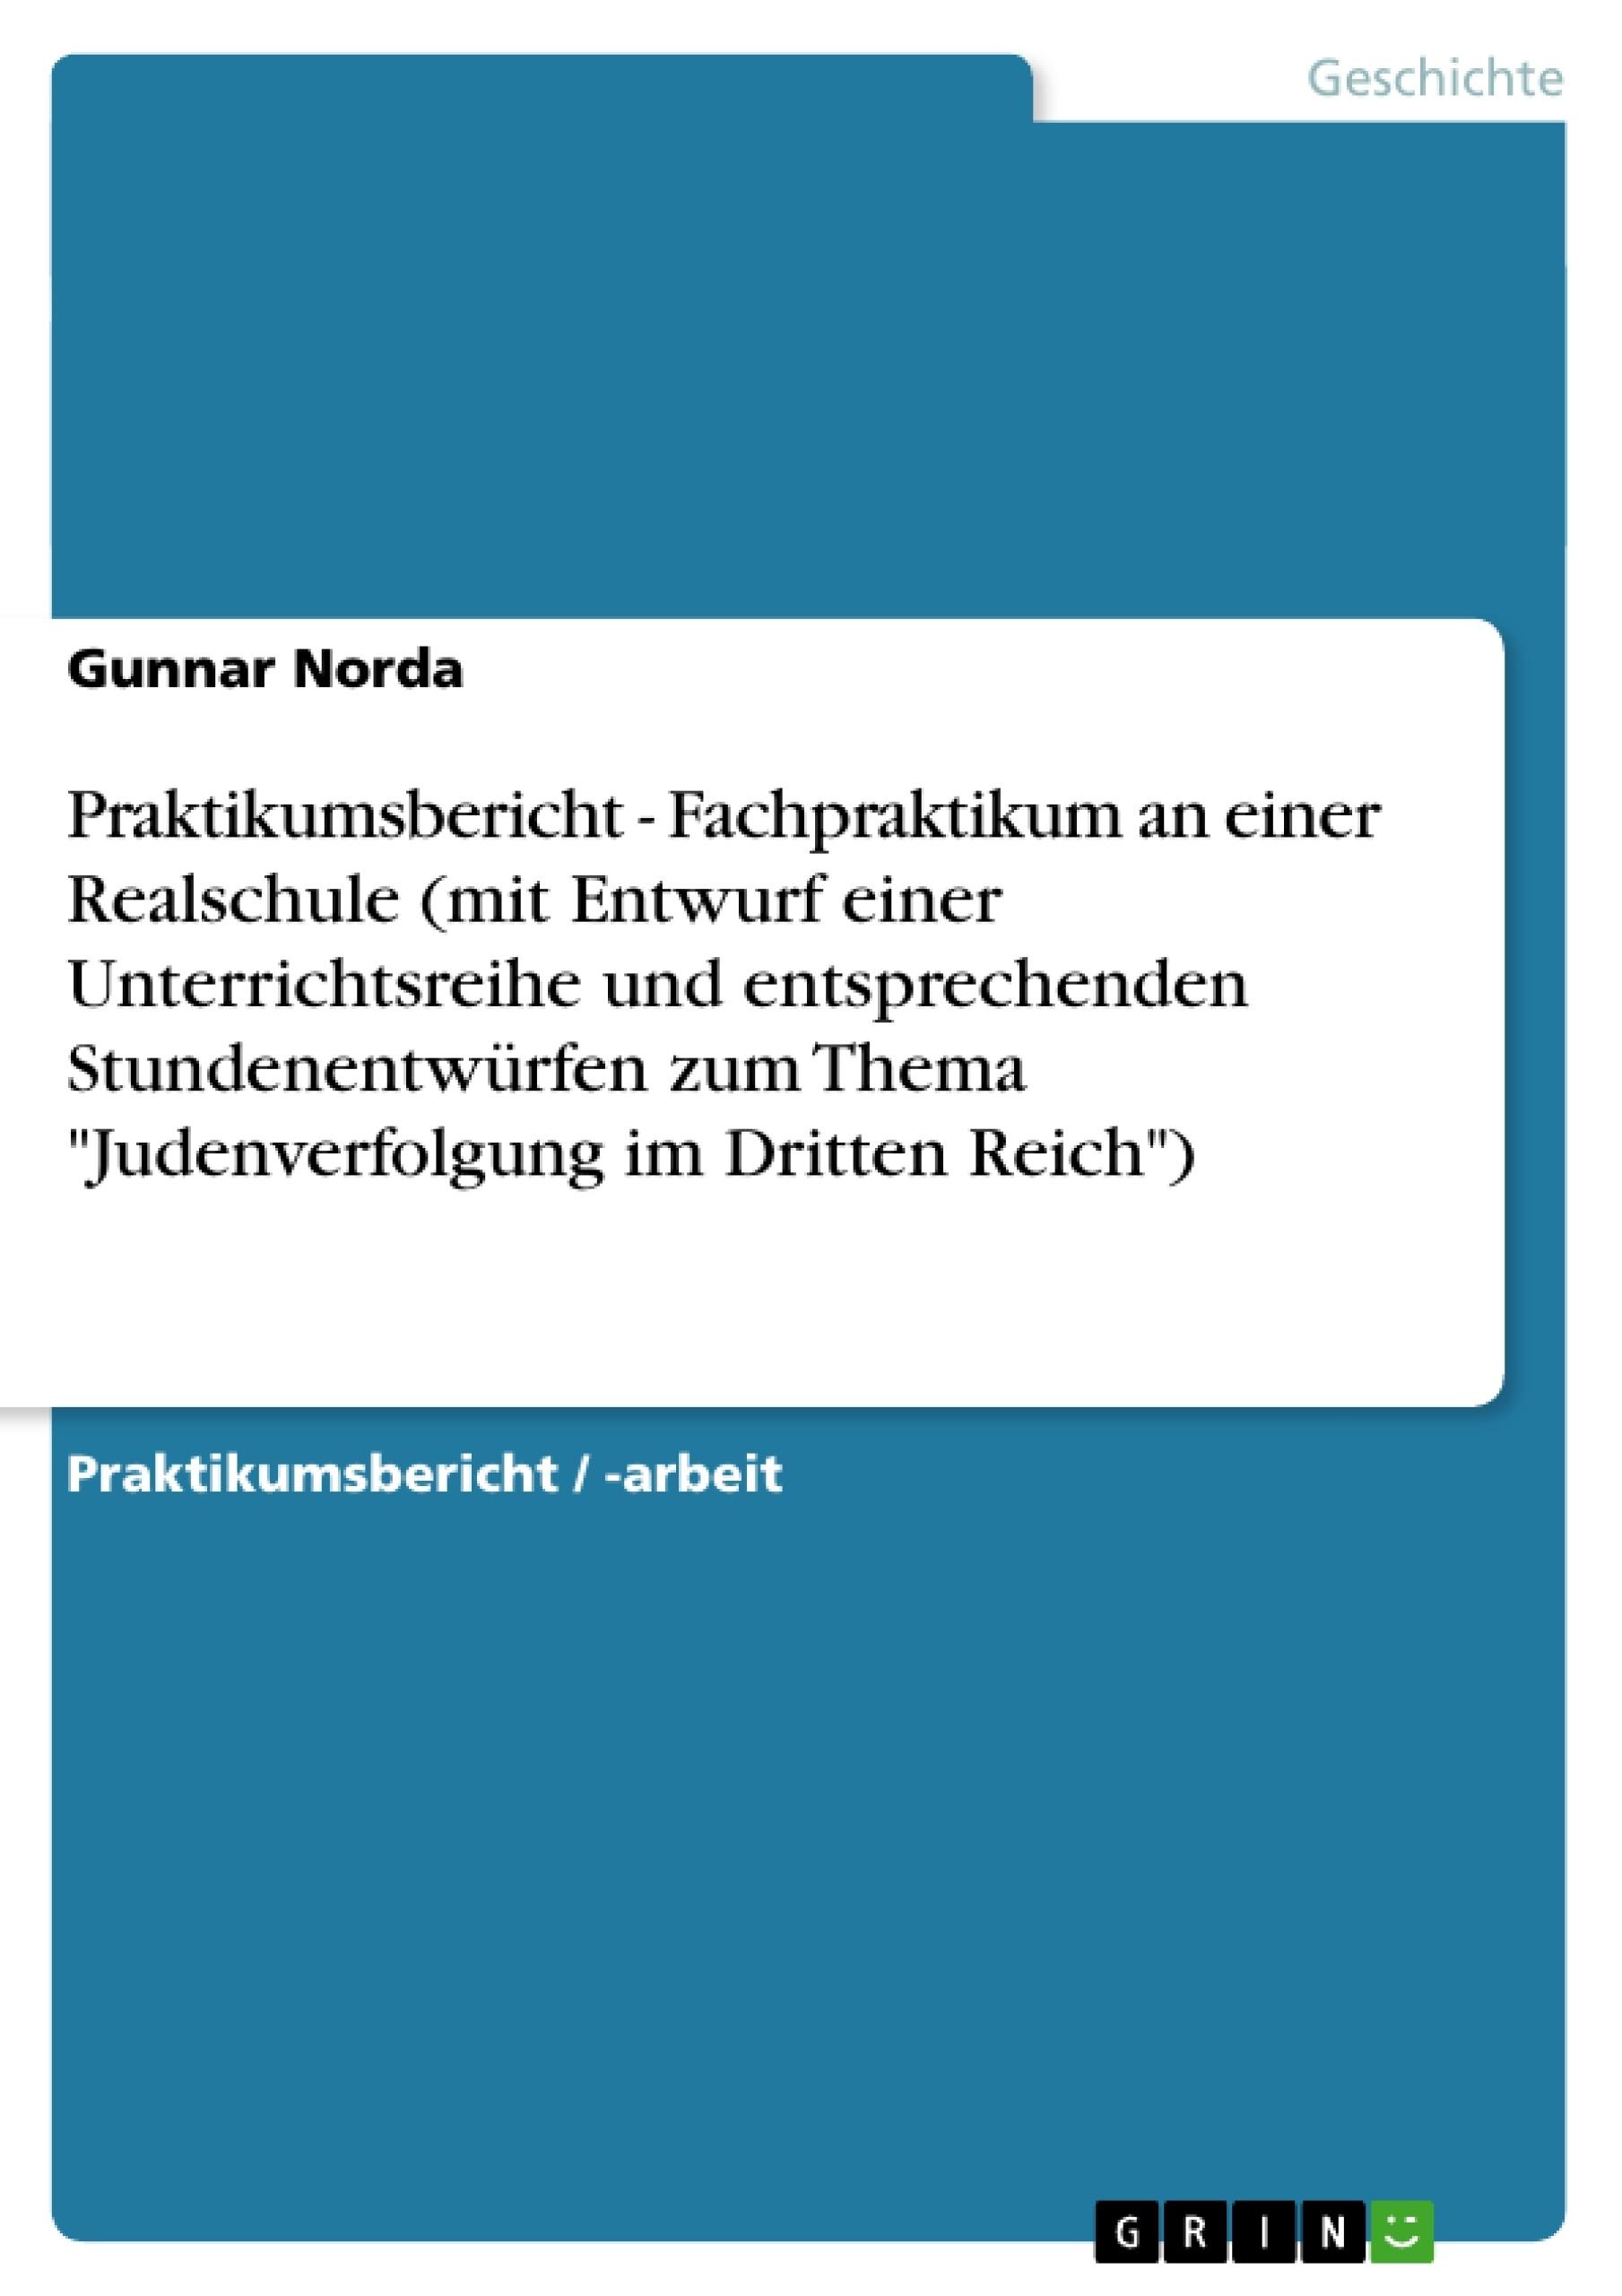 Praktikumsbericht - Fachpraktikum an einer Realschule (mit Entwurf ...